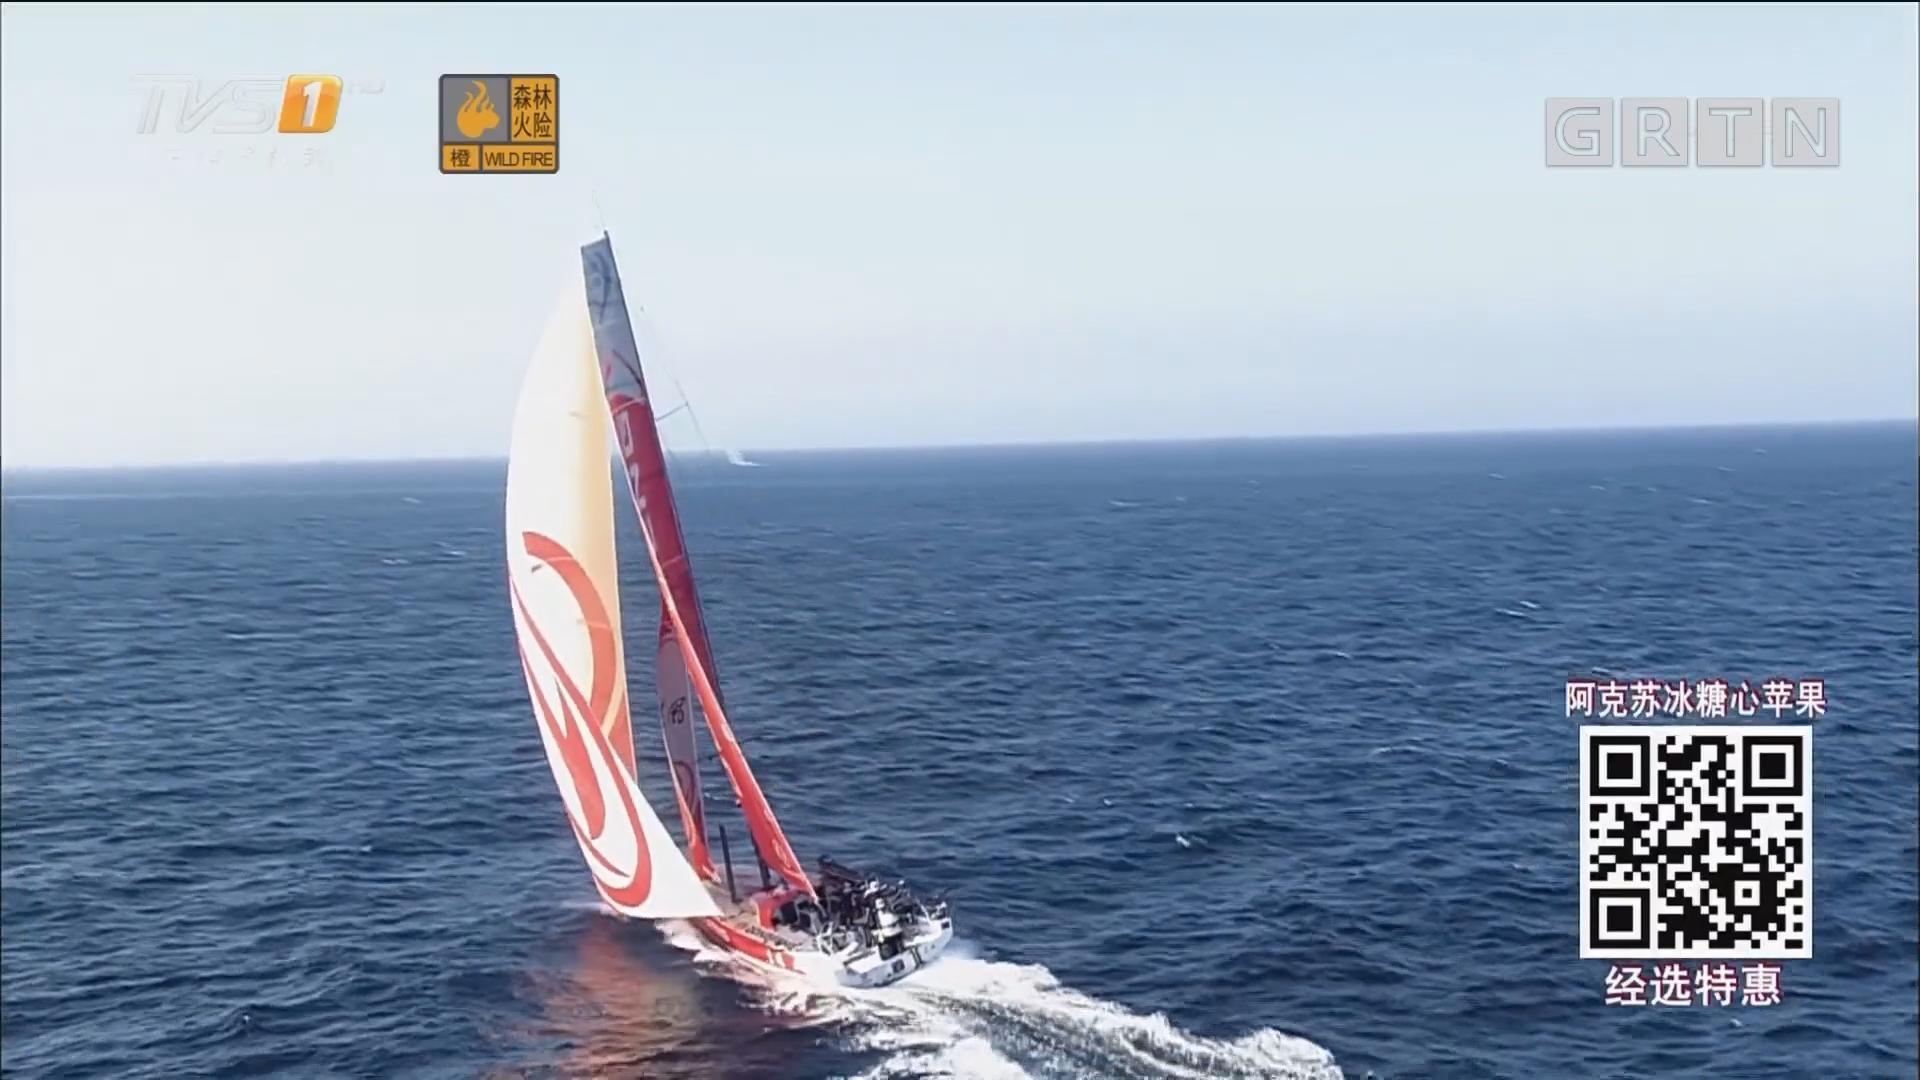 航海界的珠穆朗玛峰——沃尔沃环球帆船赛将停靠广州